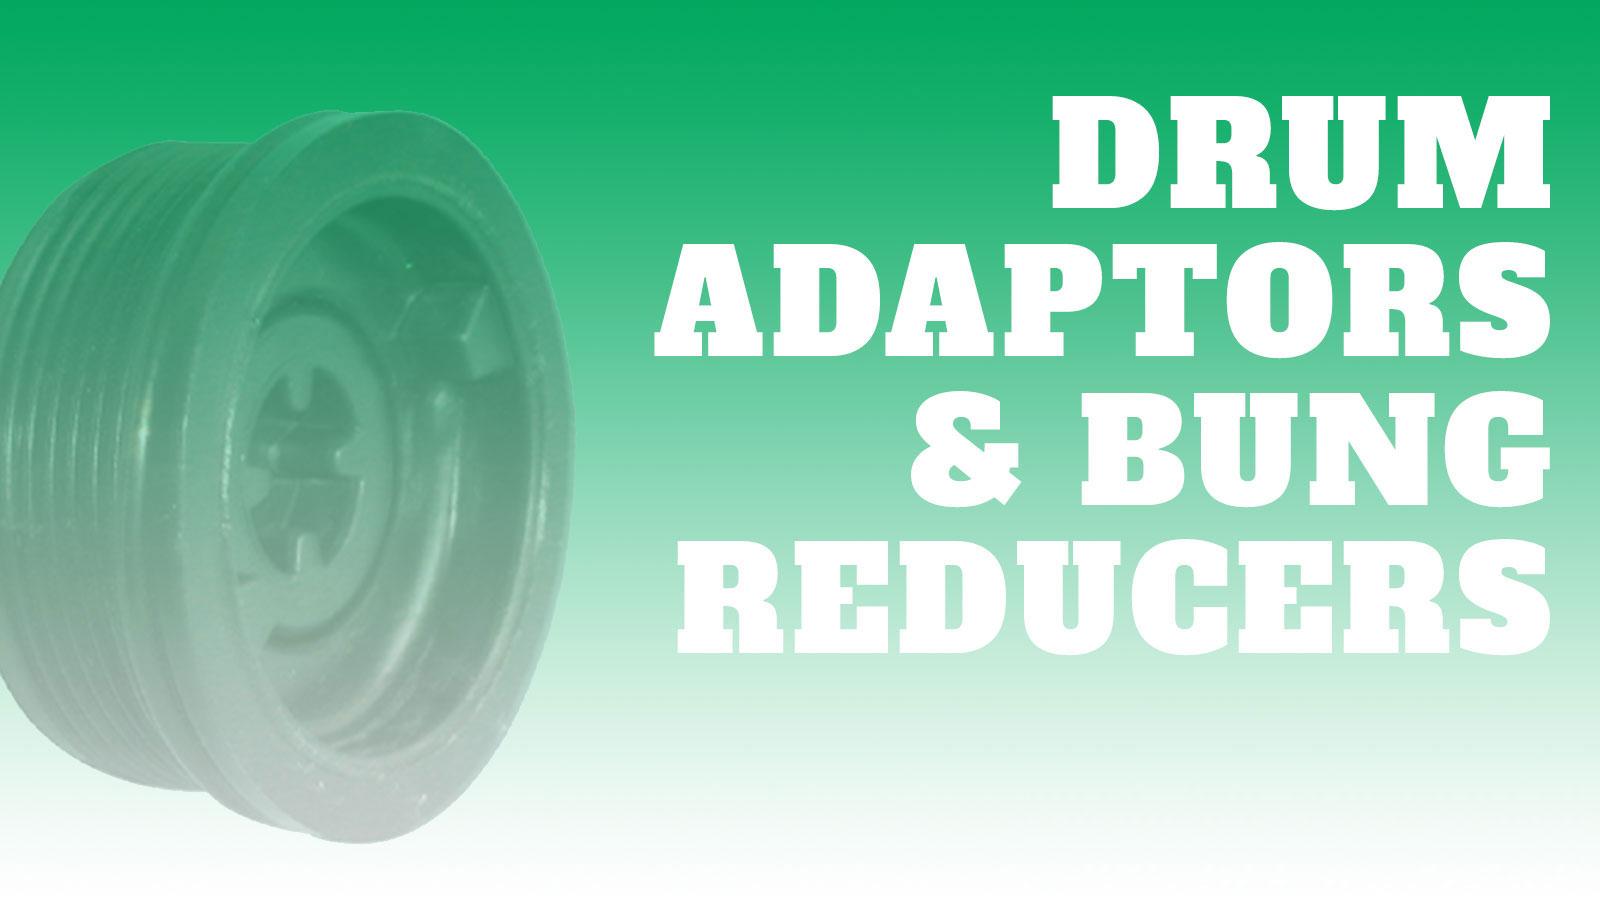 DrumHandling-Adaptors-&-Bungs-Reducers